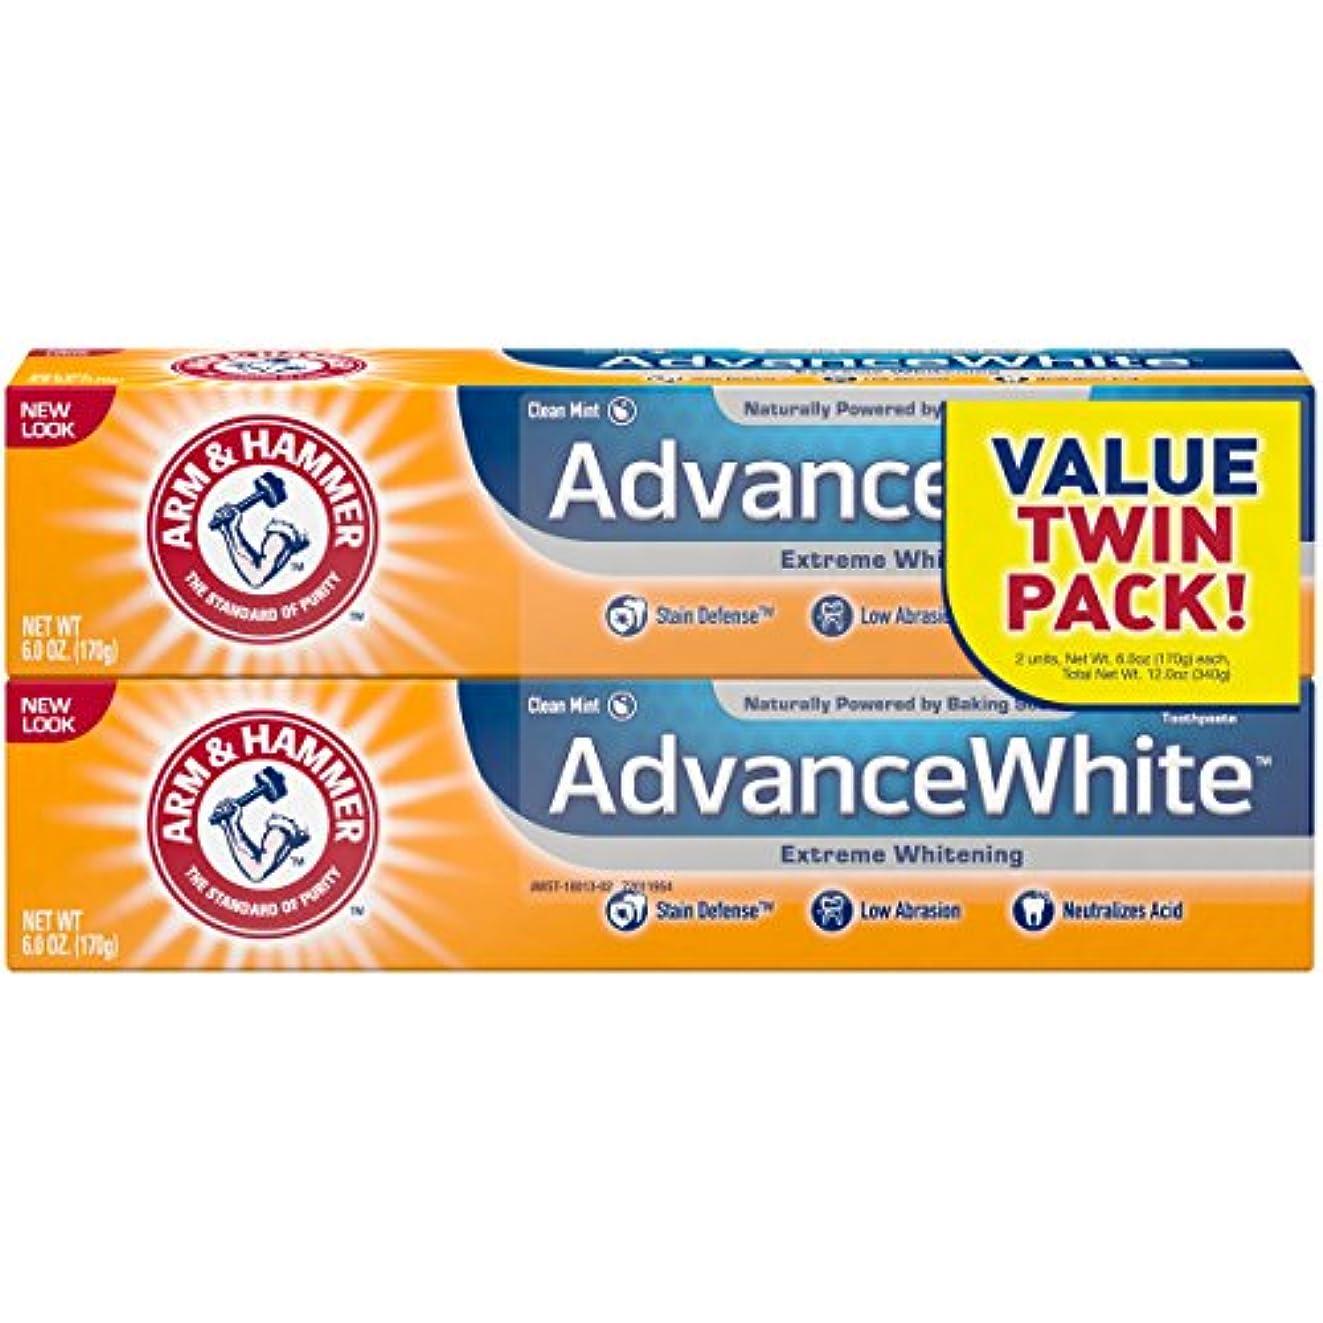 過去ドラゴンやりがいのあるArm & Hammer アーム&ハマー アドバンス ホワイト 歯磨き粉 2個パック Toothpaste with Baking Soda & Peroxide